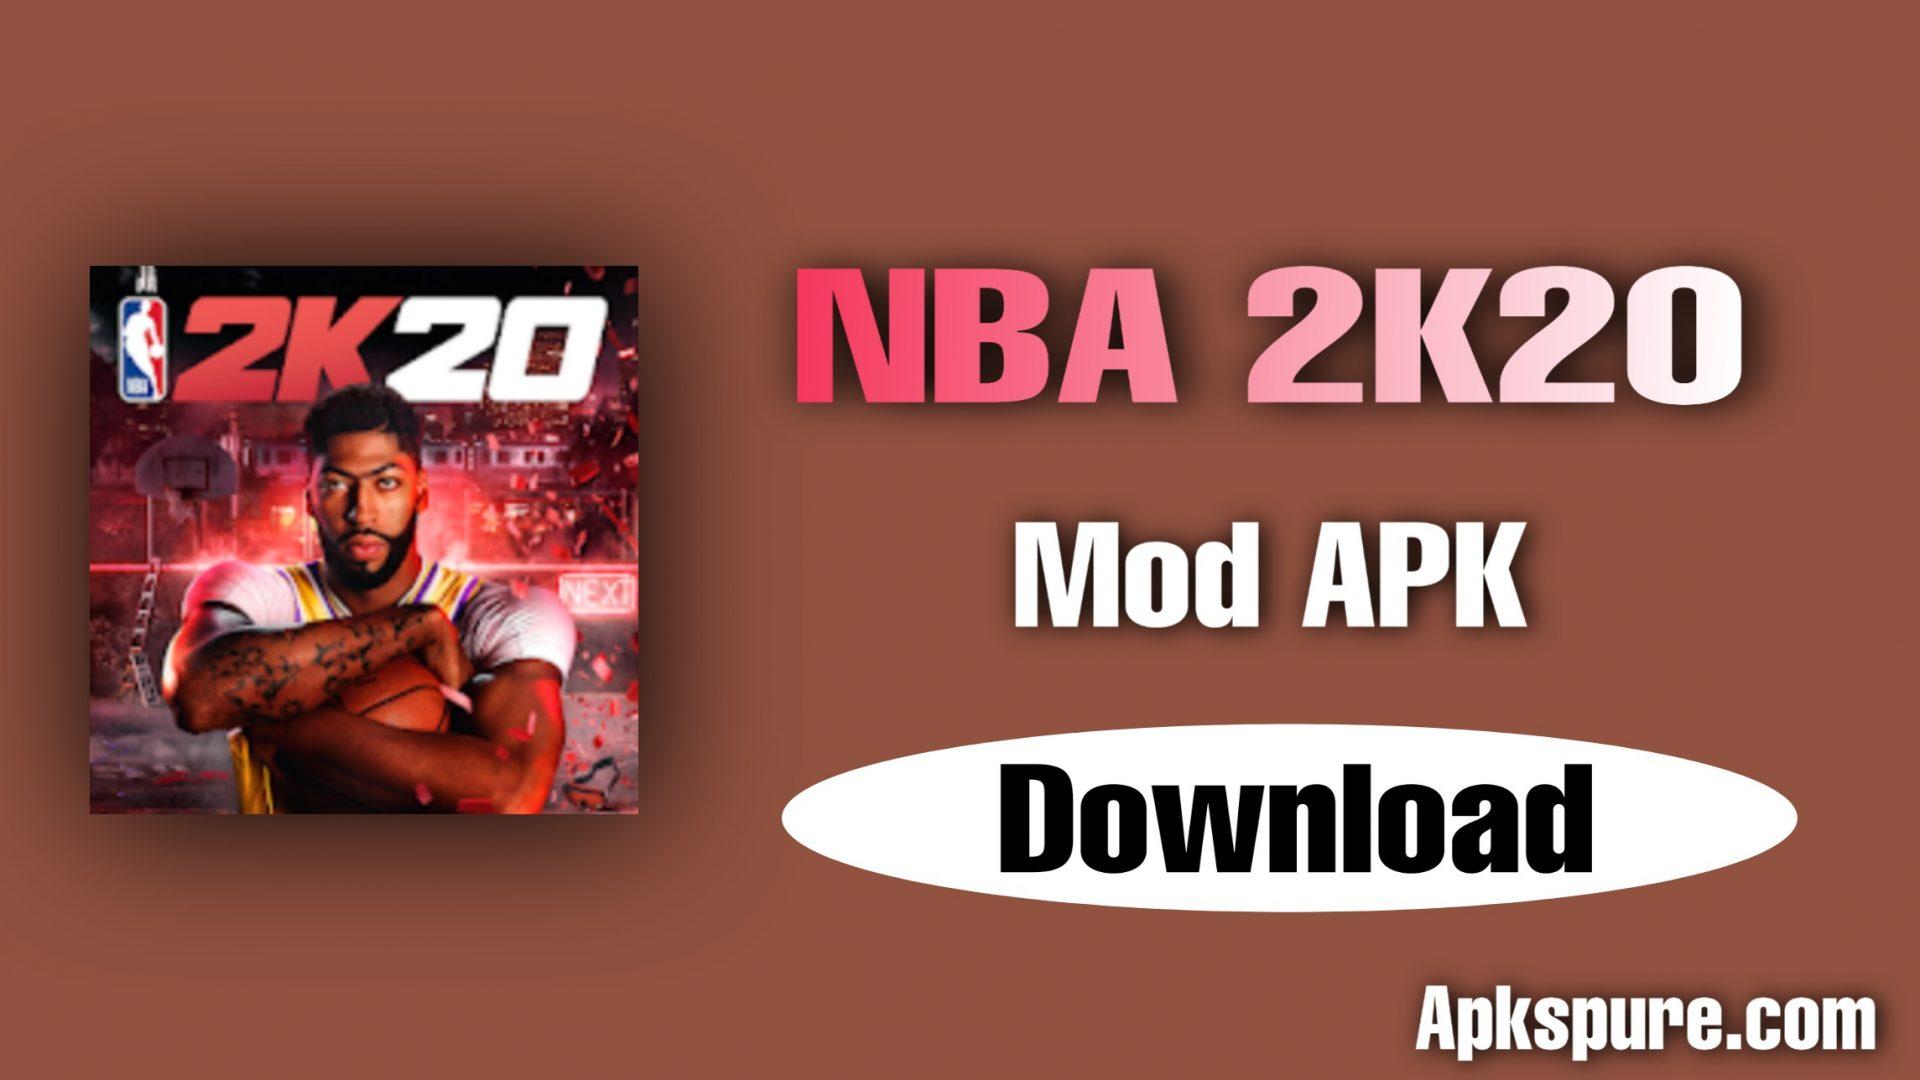 NBA 2K20 Mod APK Download v98.0.2 (Money/Fully Unlocked)